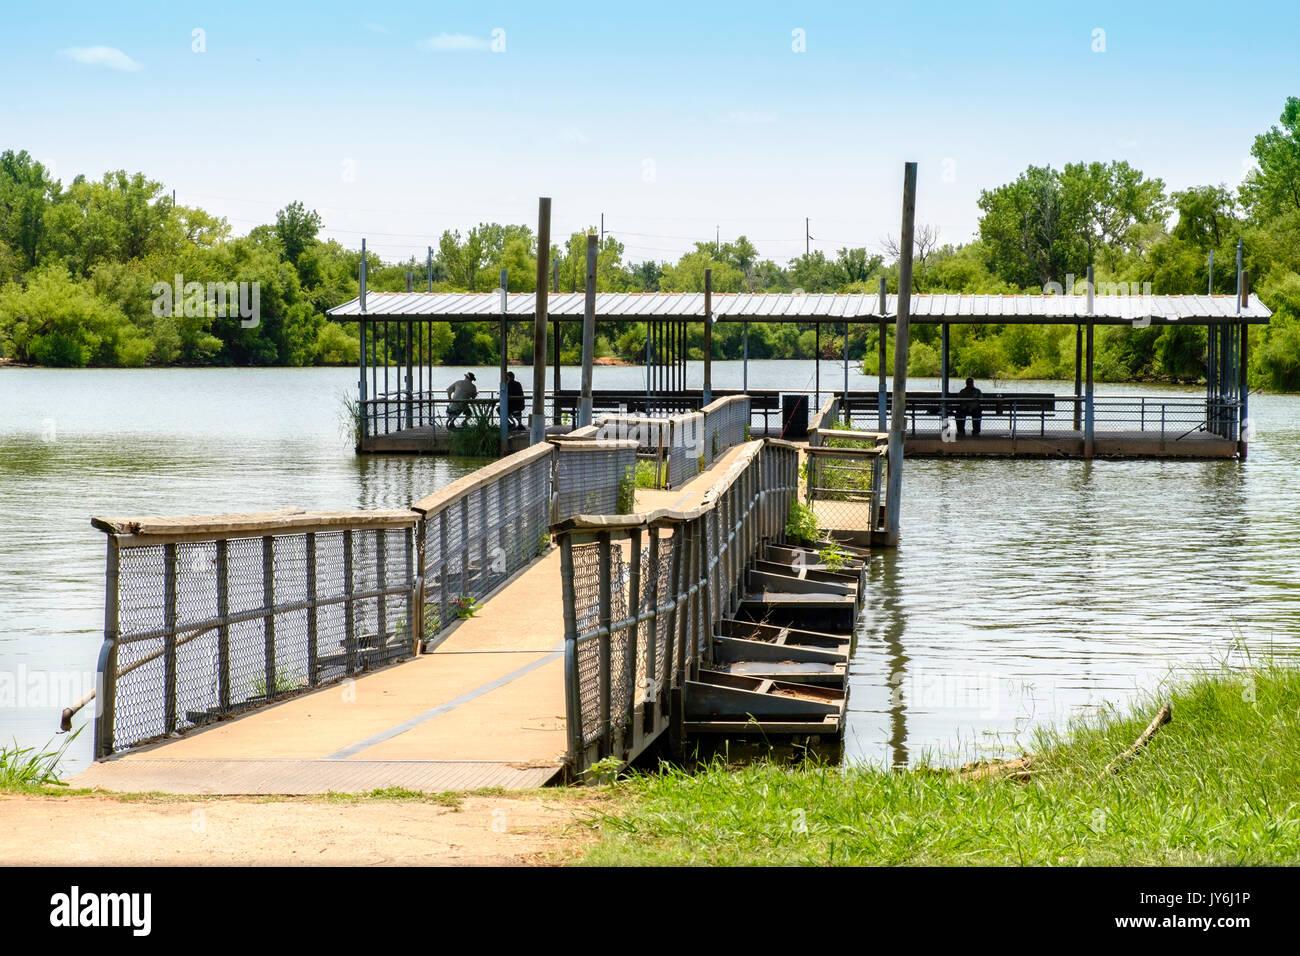 Lake hefner oklahoma stock photos lake hefner oklahoma for Lake hefner fishing